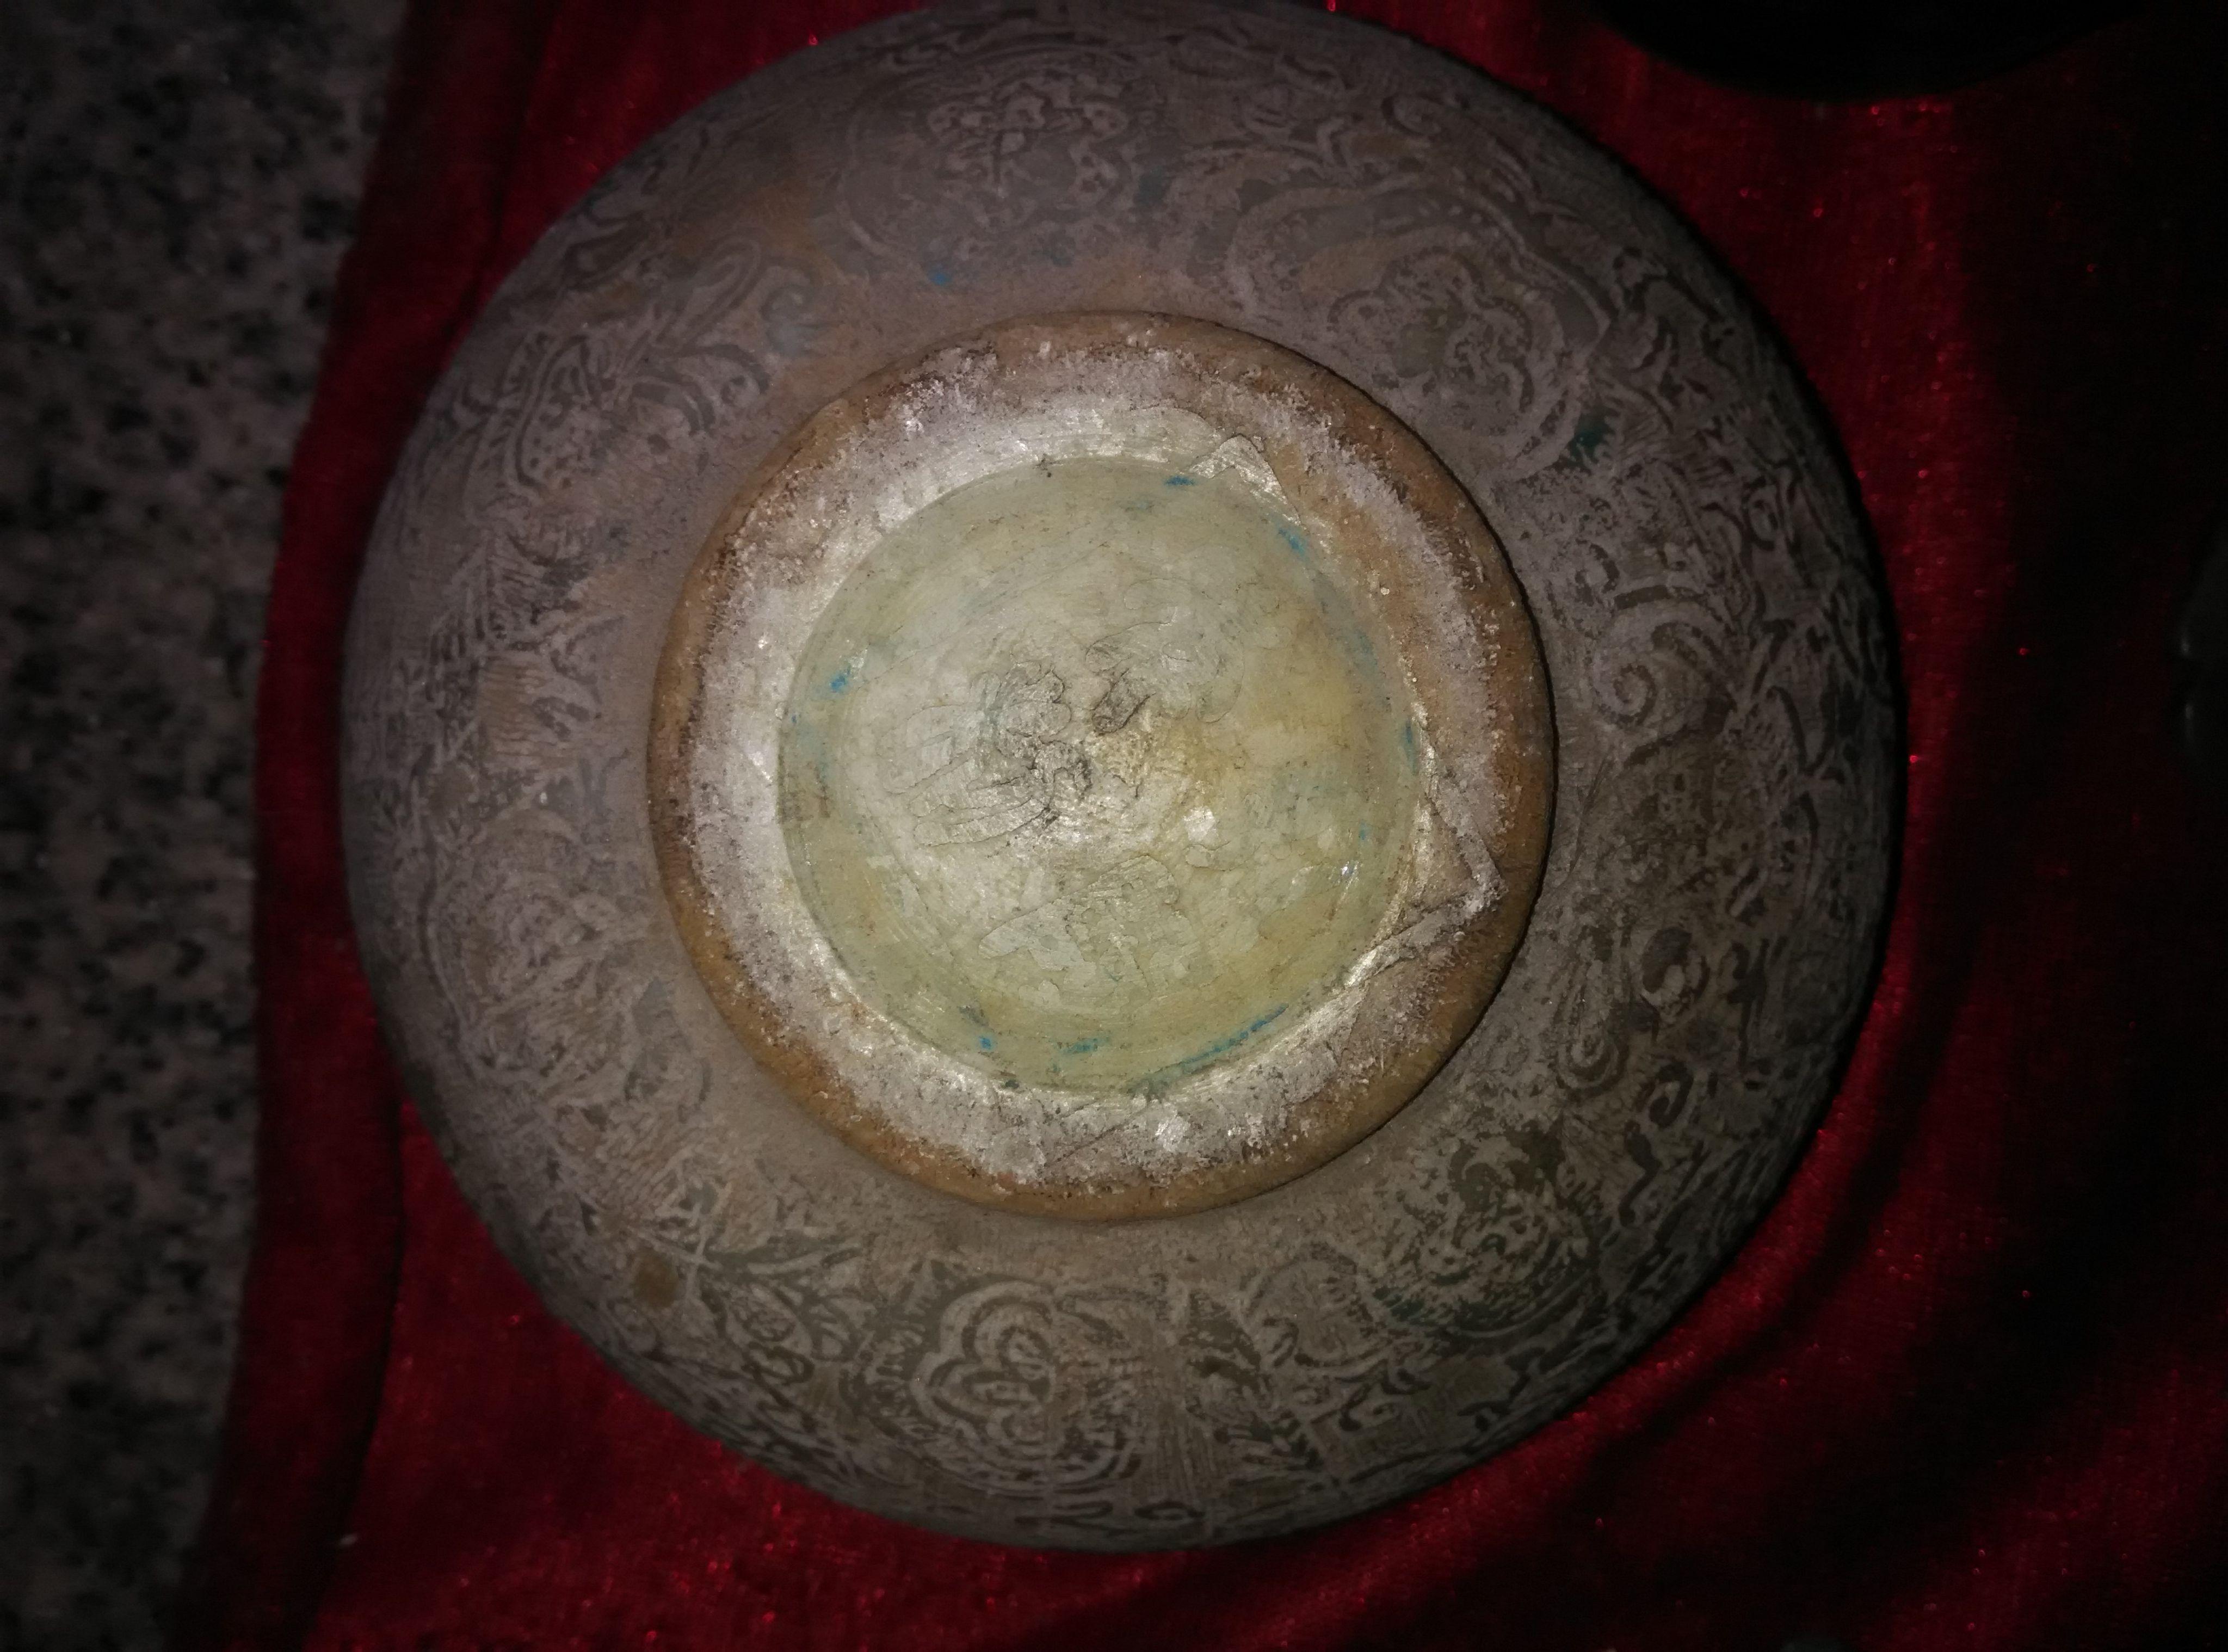 这是哪个朝代的碗?图片